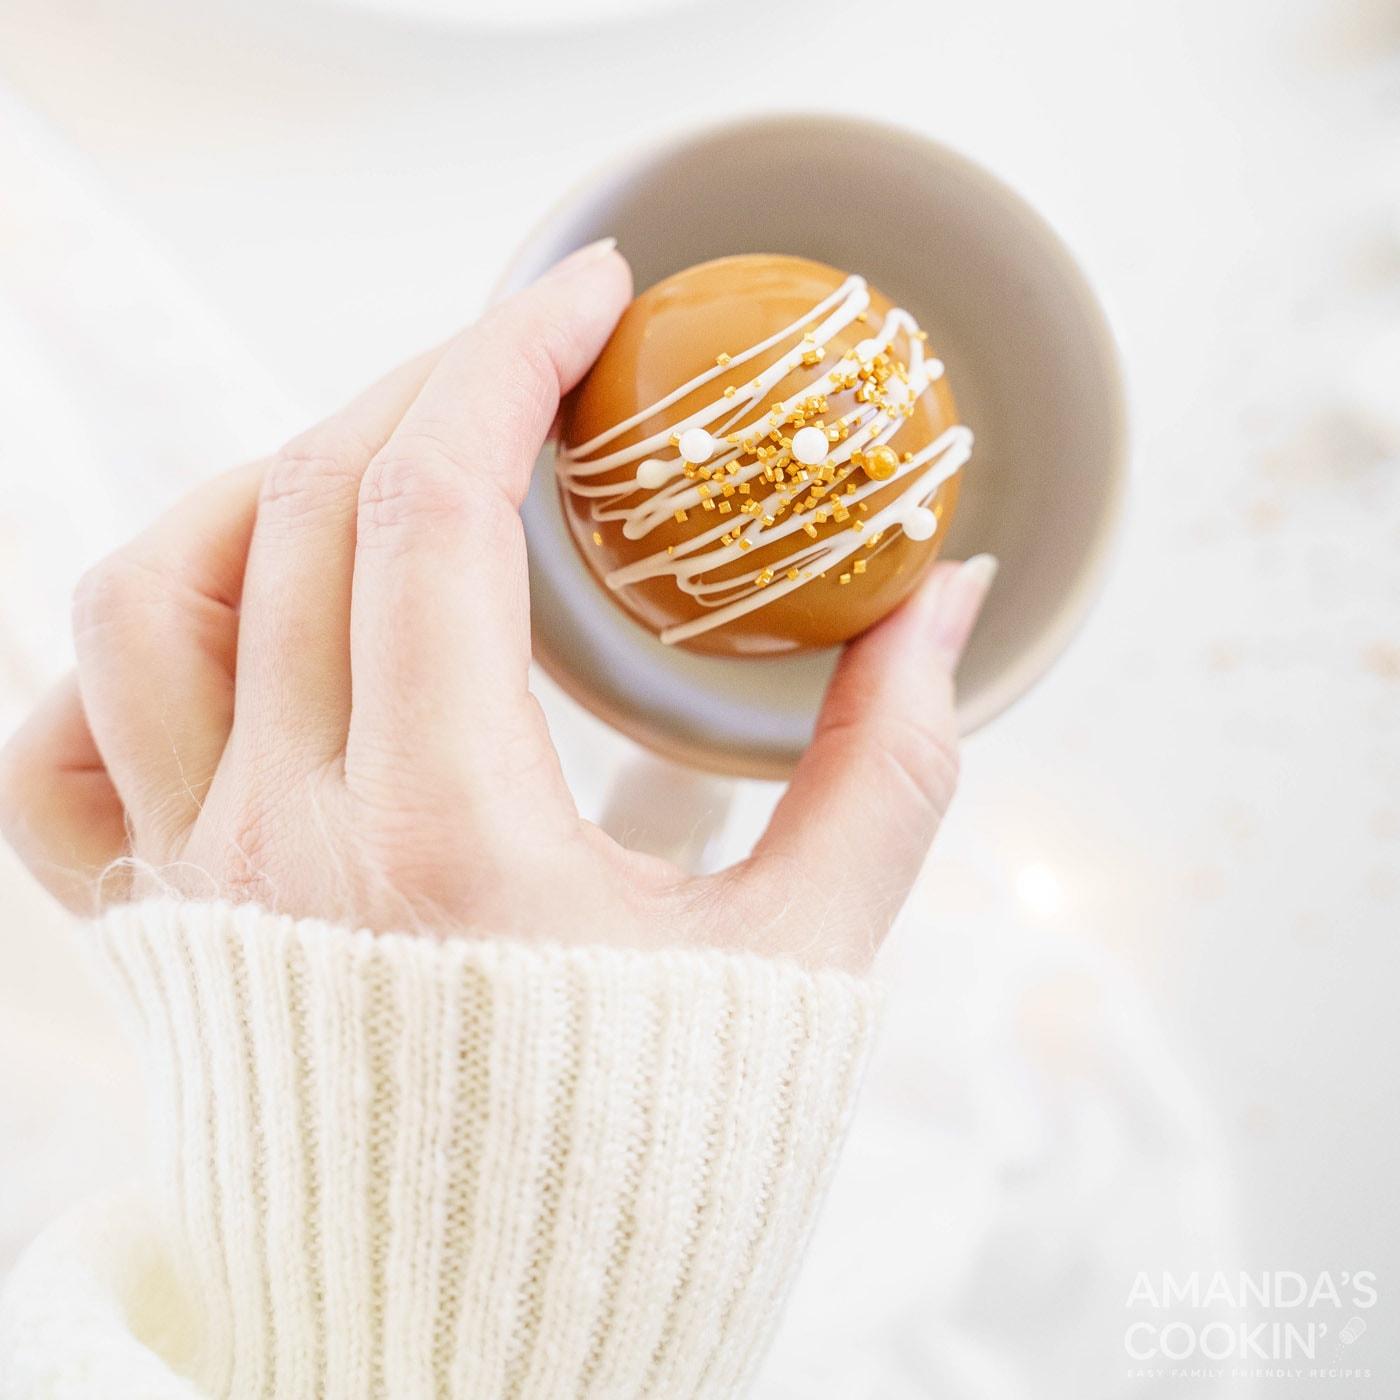 placing a hot cocoa bomb into a mug